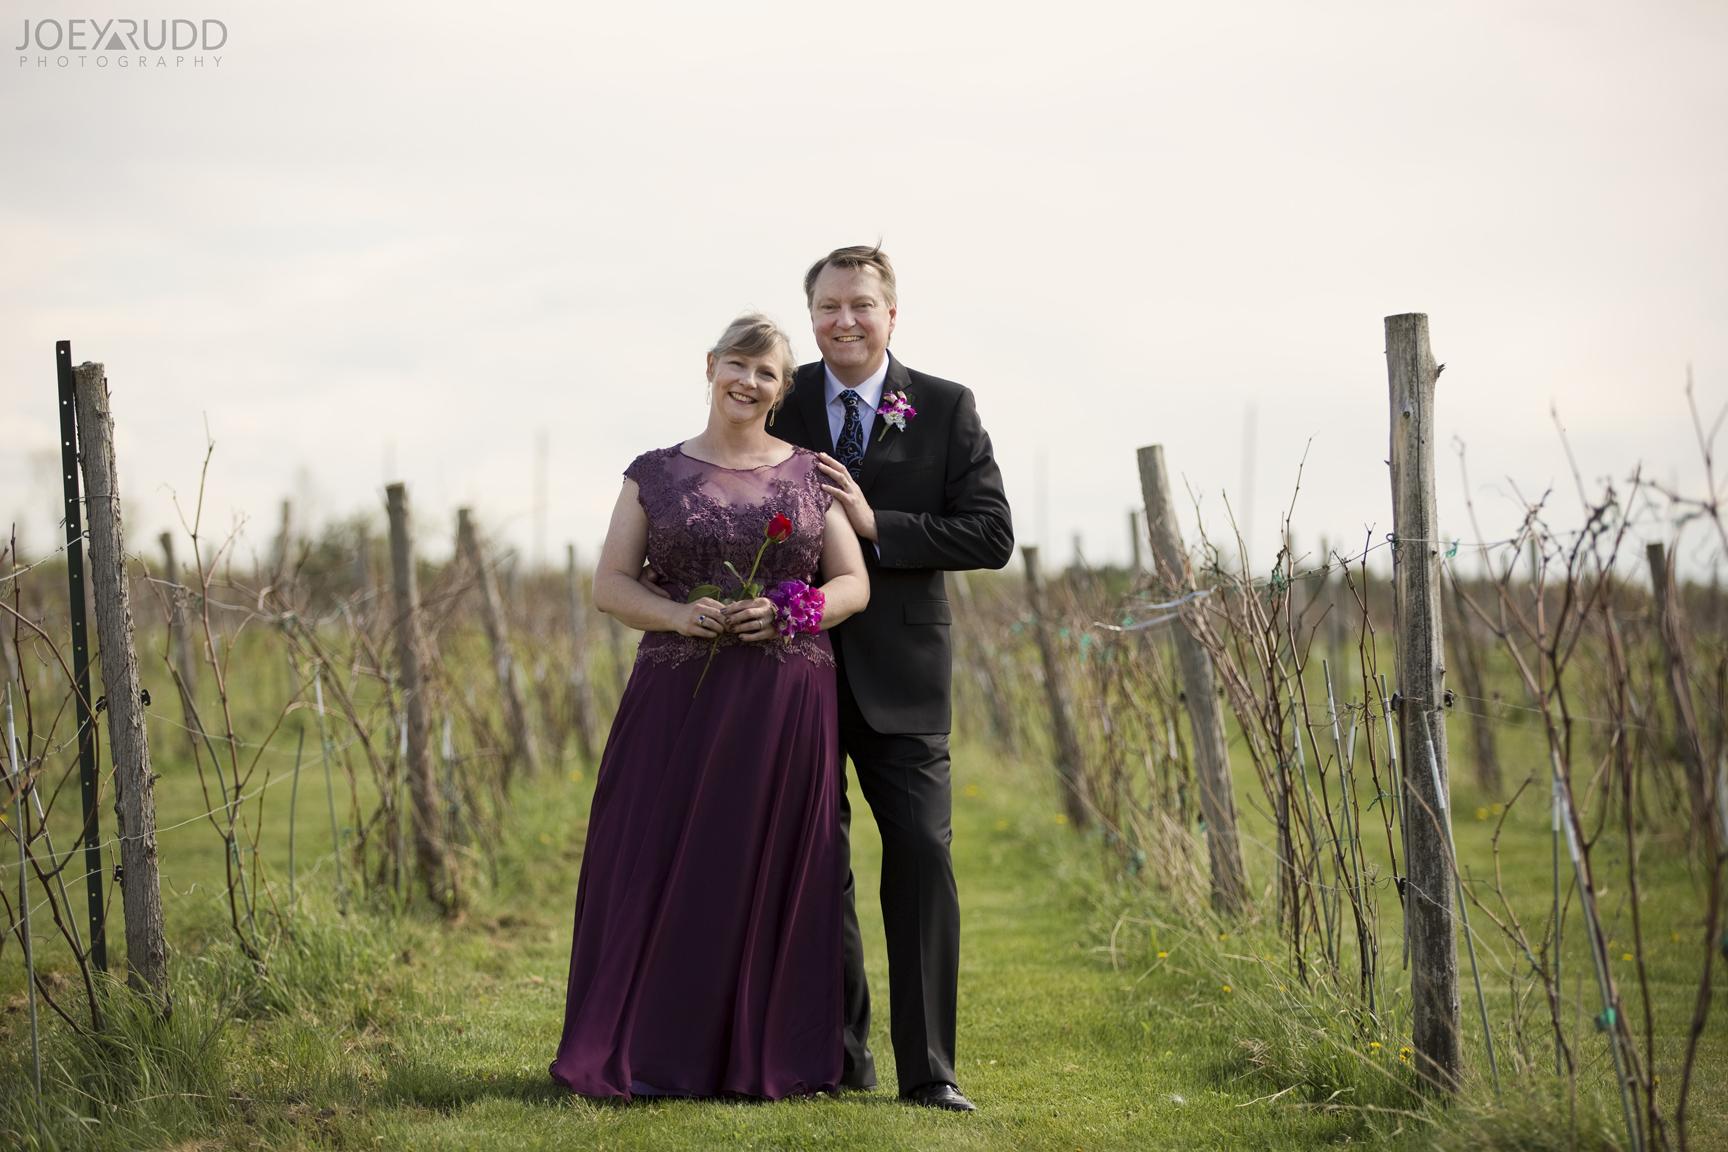 Elopement Session at Jabulani Vineyard by Joey Rudd Photography Ottawa Wedding Photographer Winery